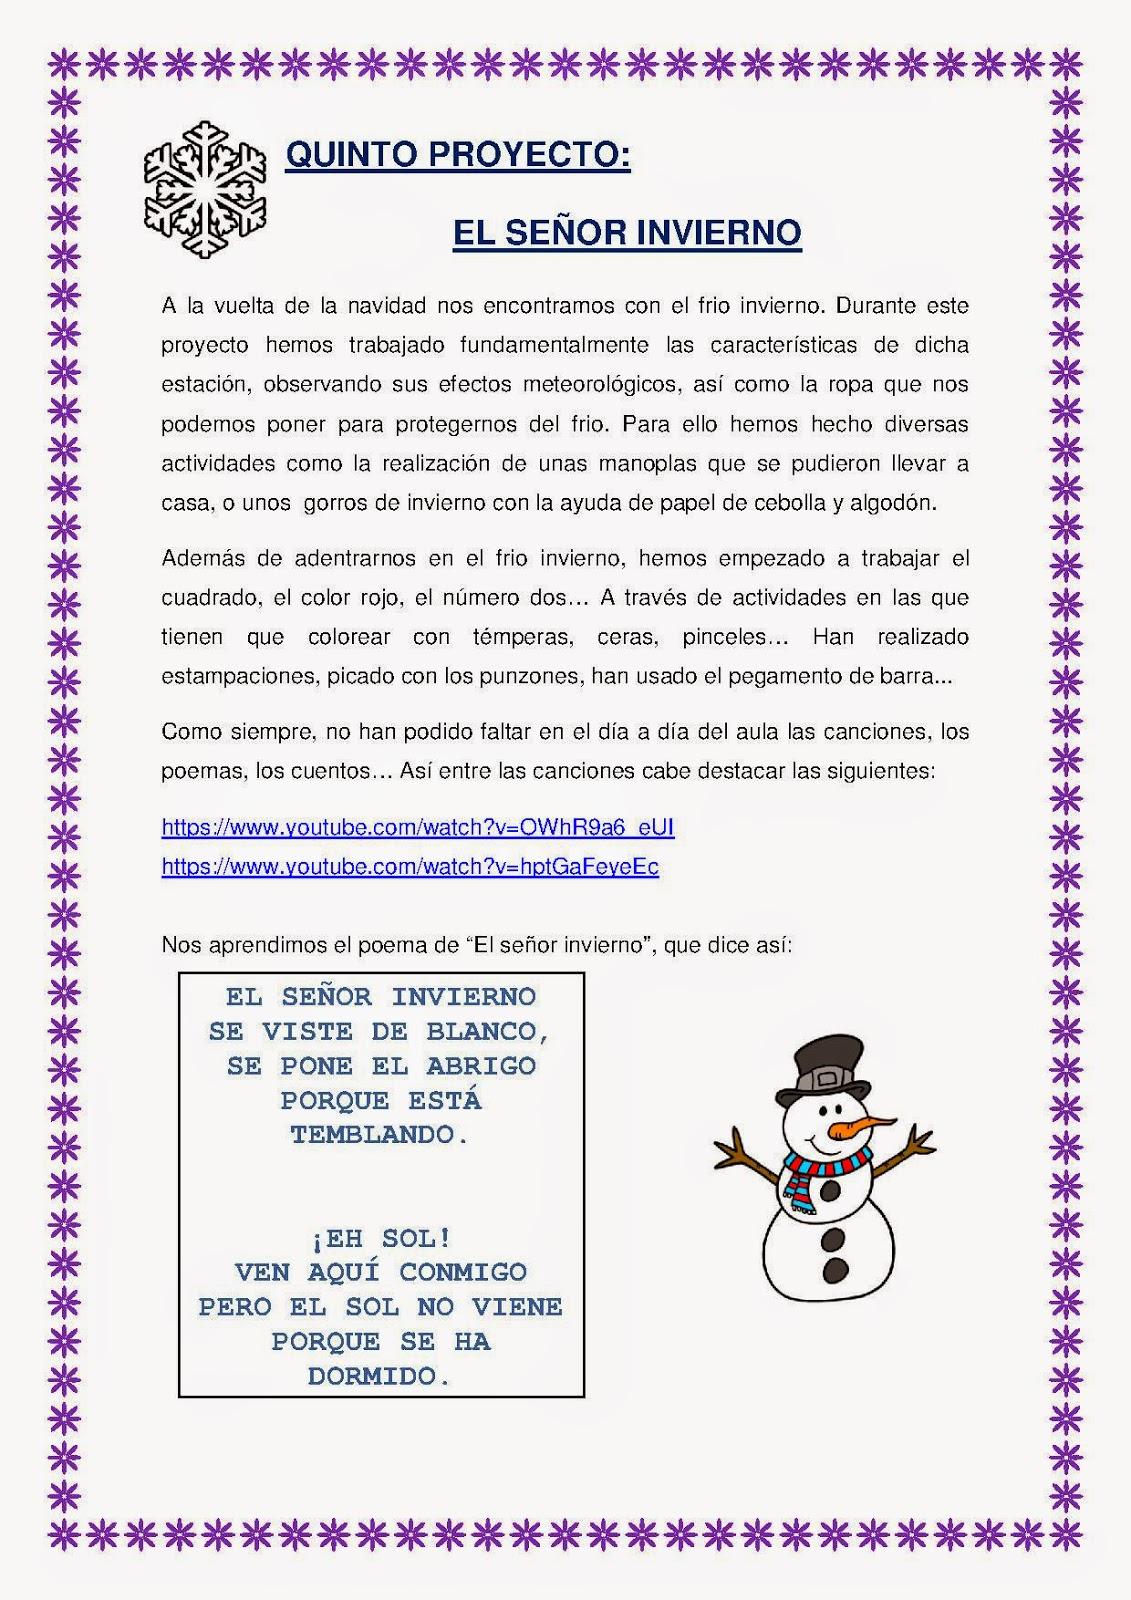 Ana paula ludoeduca una experiencia educativa v - Proyecto el invierno ...